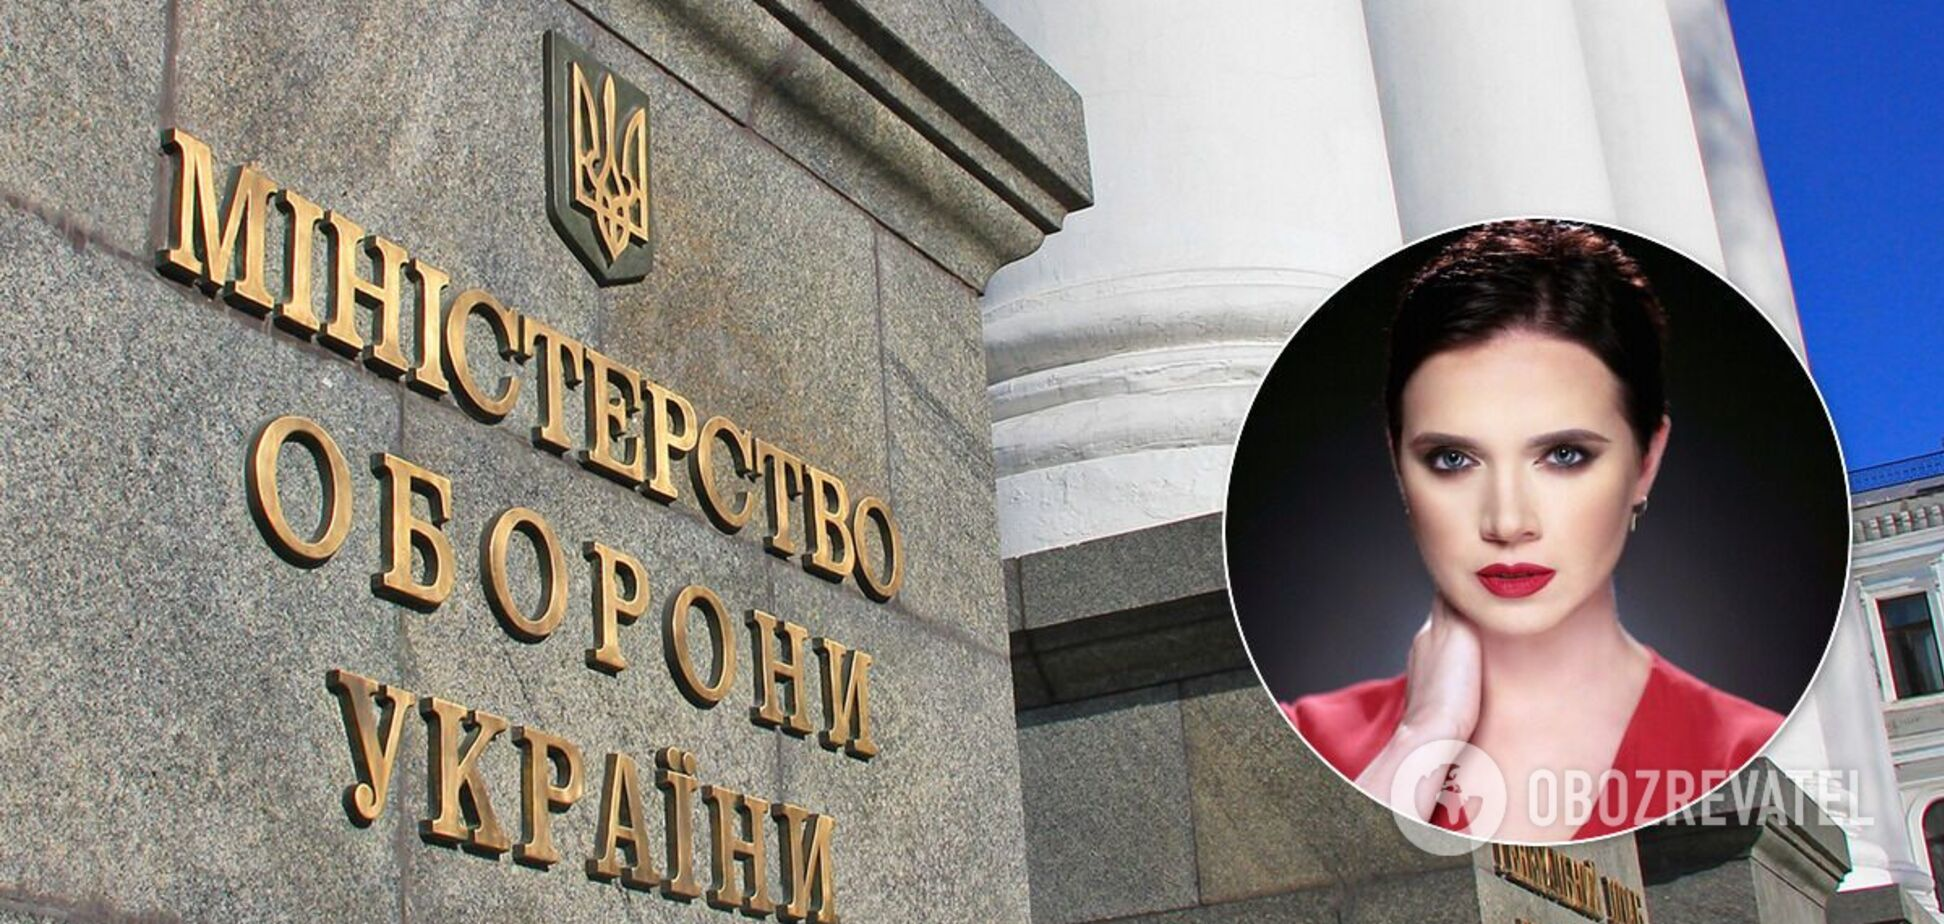 Минобороны подтвердило факт коррупции при перевозке погибших на Донбассе, озвученный Яниной Соколовой